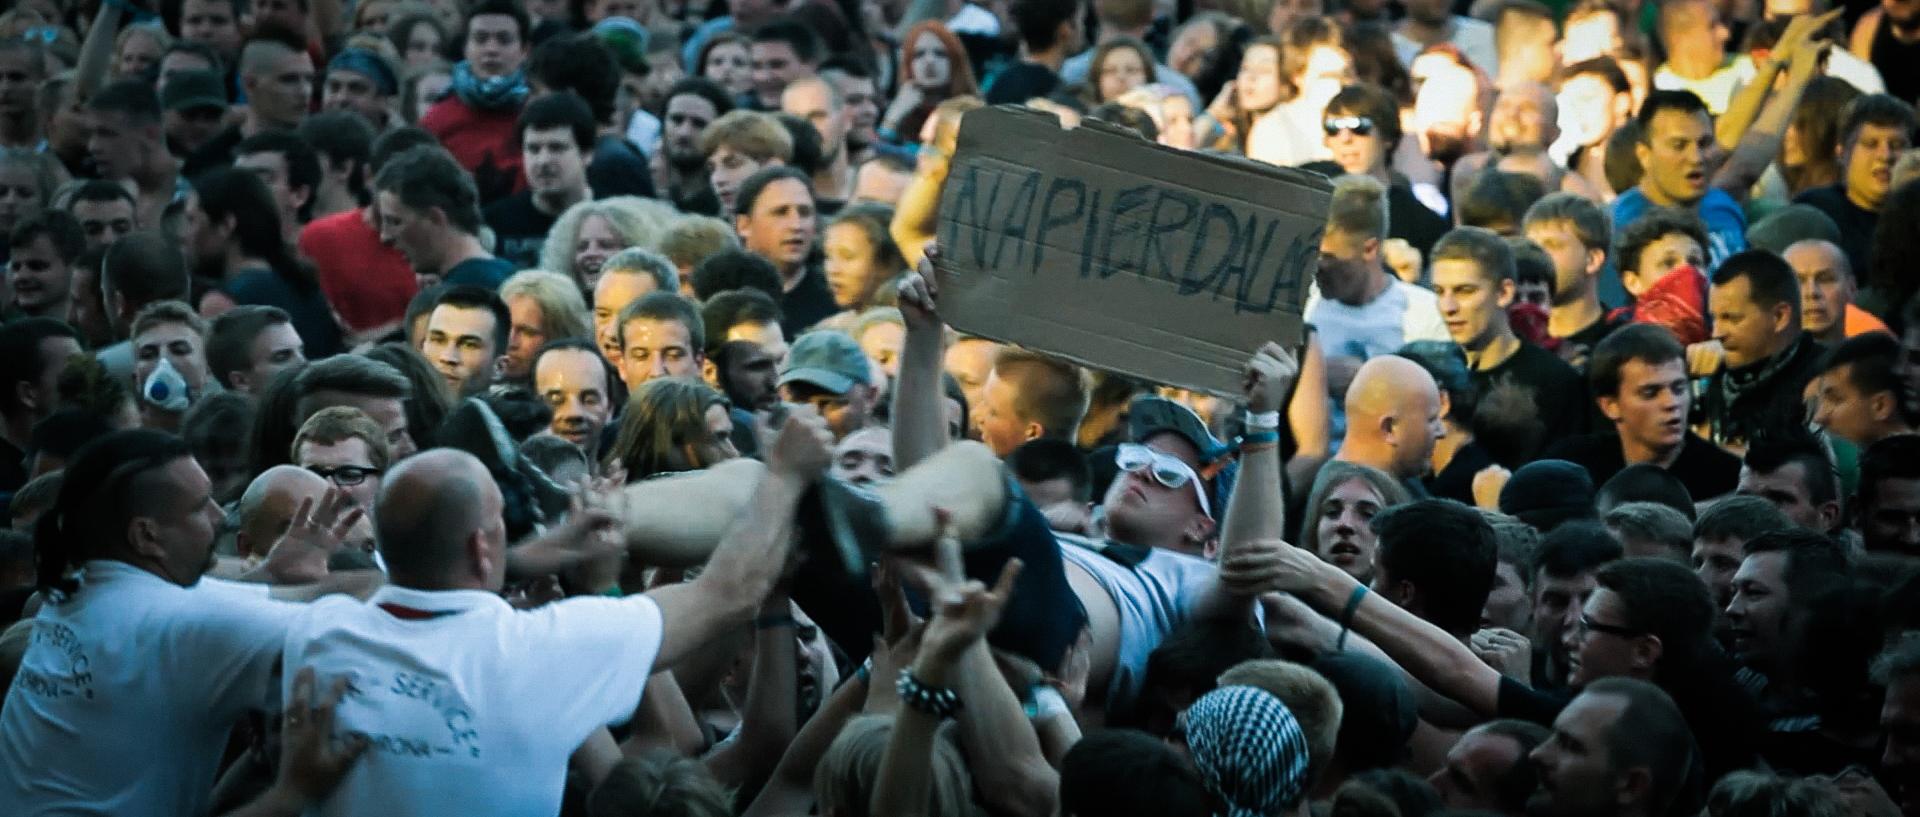 Jarocin, po co wolność  Foto: Bazphotographer / materiały prasowe